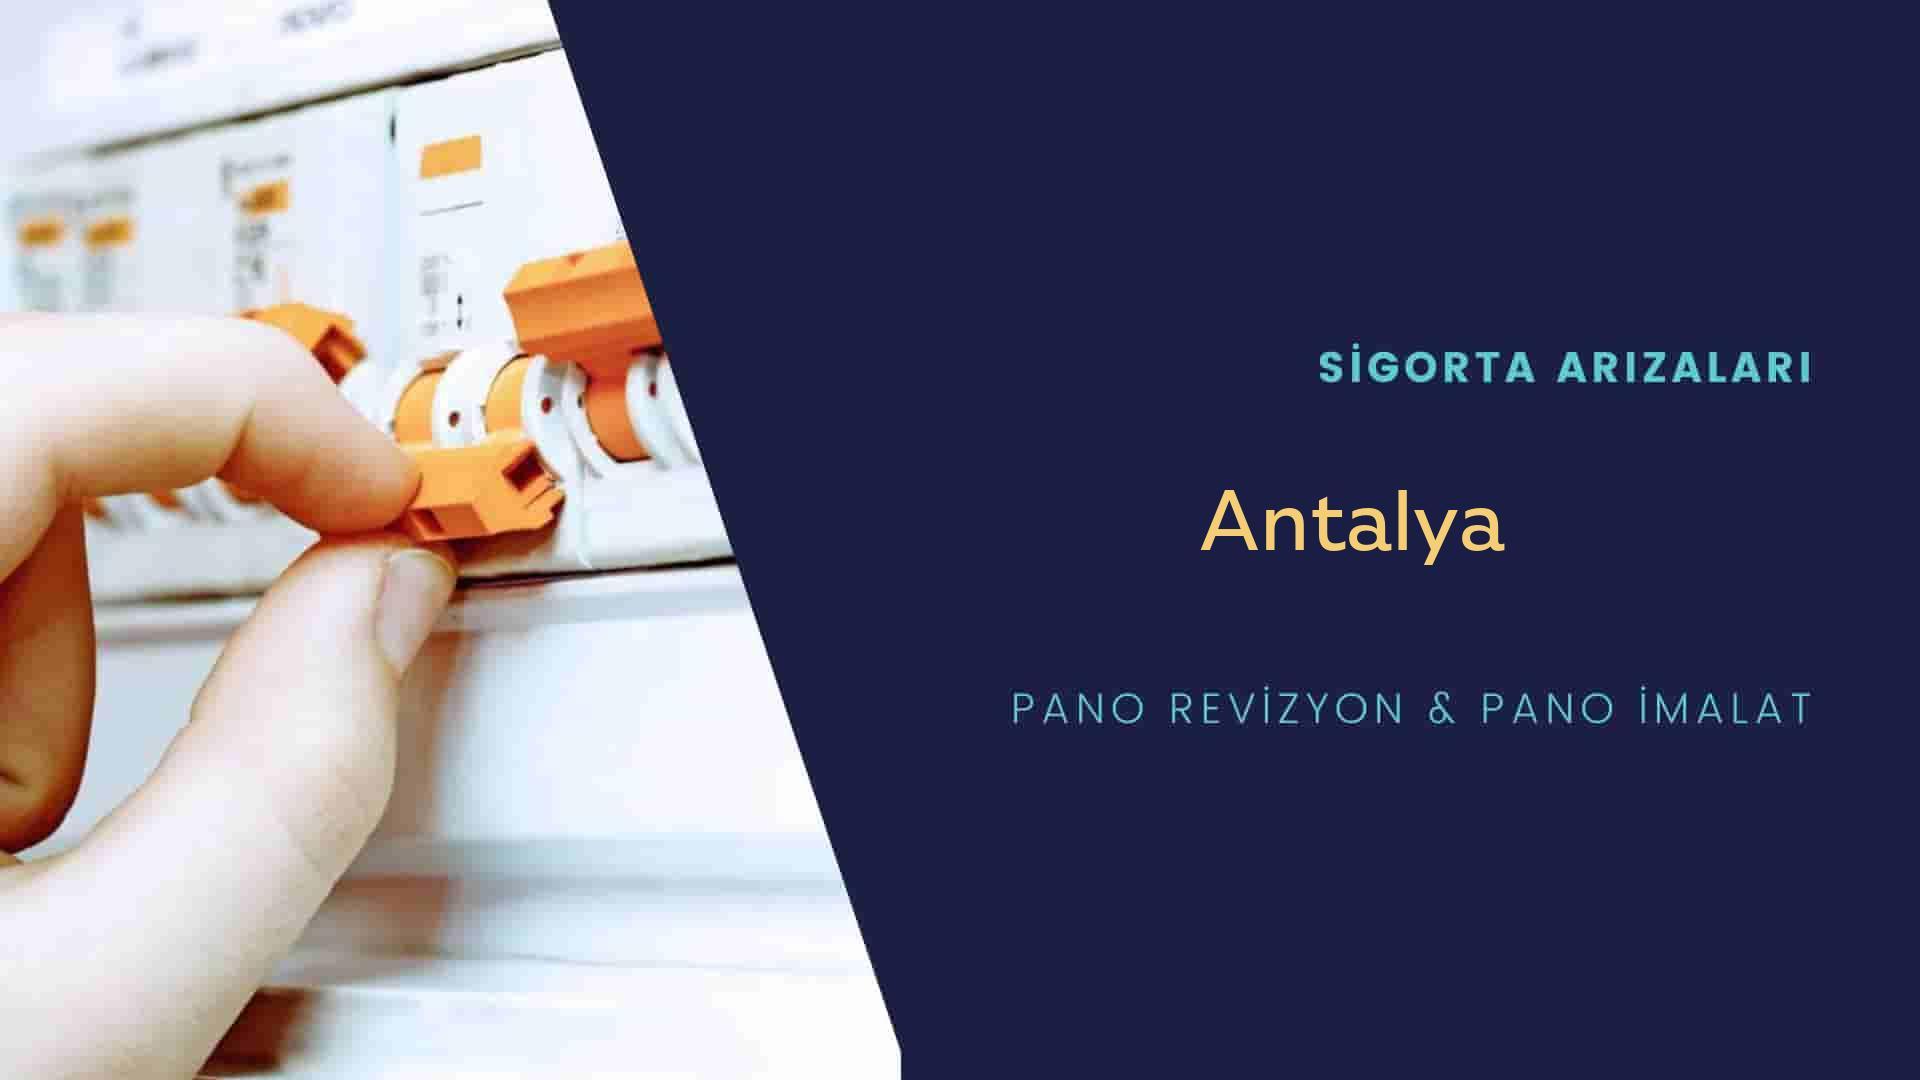 Antalya Sigorta Arızaları İçin Profesyonel Elektrikçi ustalarımızı dilediğiniz zaman arayabilir talepte bulunabilirsiniz.